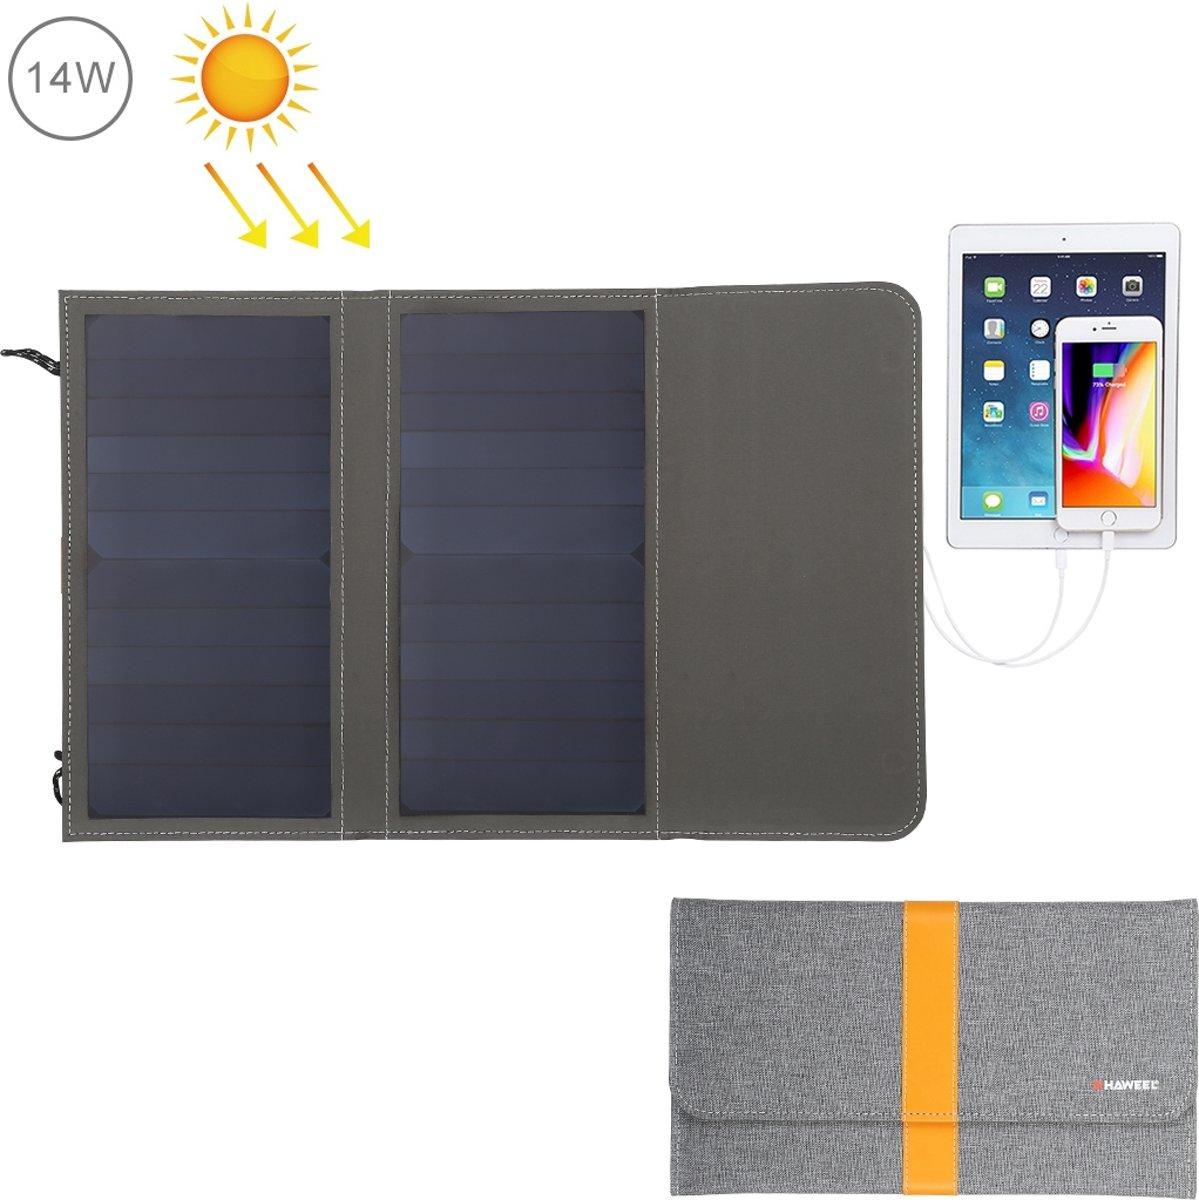 HAWEEL 14W Opvouwbare zonnepaneeloplader met 5V / 2.1A Max dubbele USB-poorten